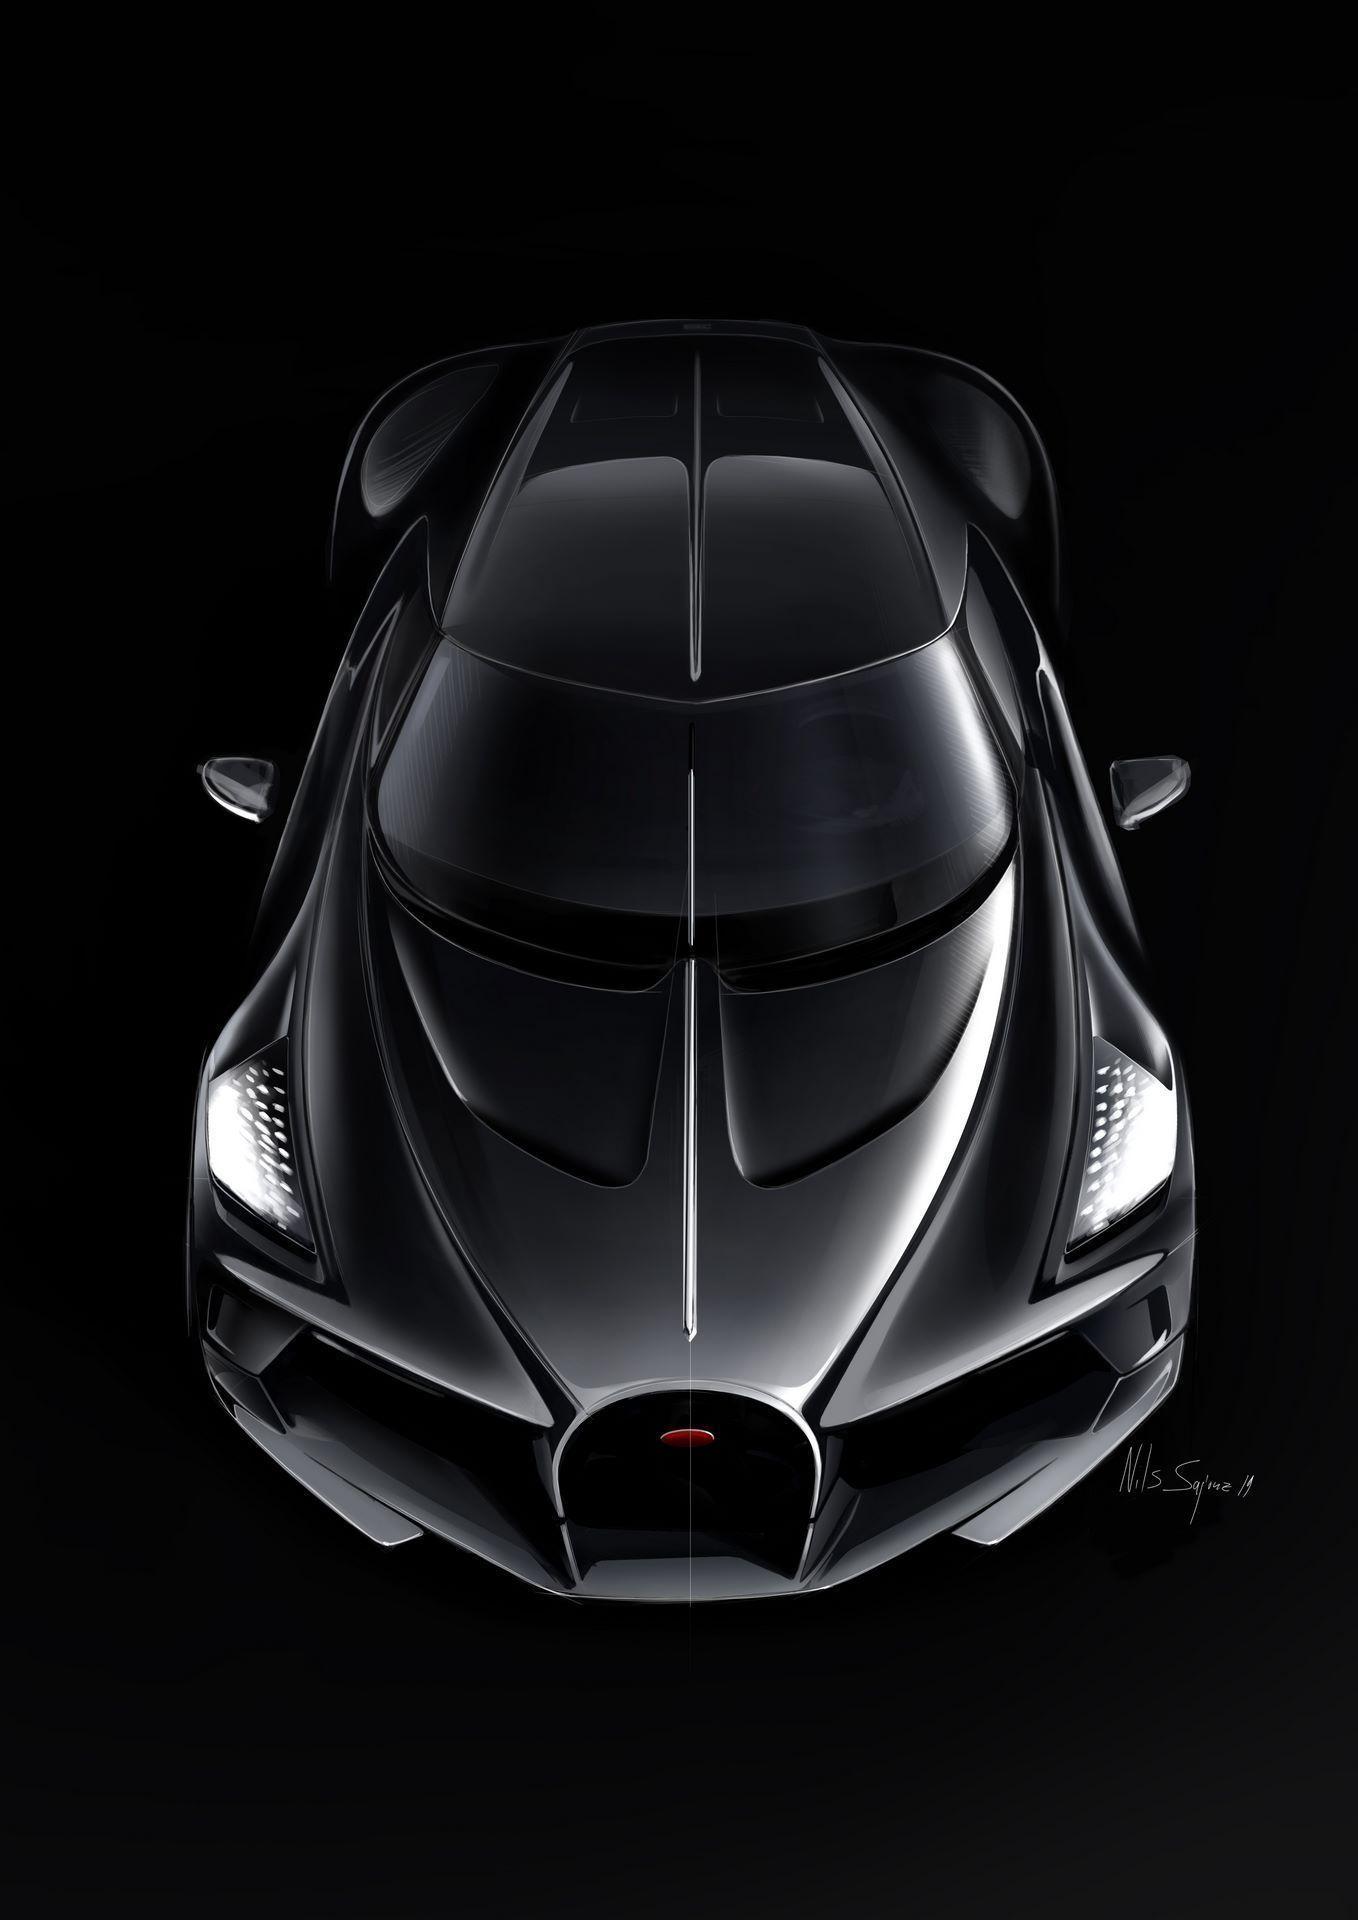 Bugatti-La-Voiture-Noire-23